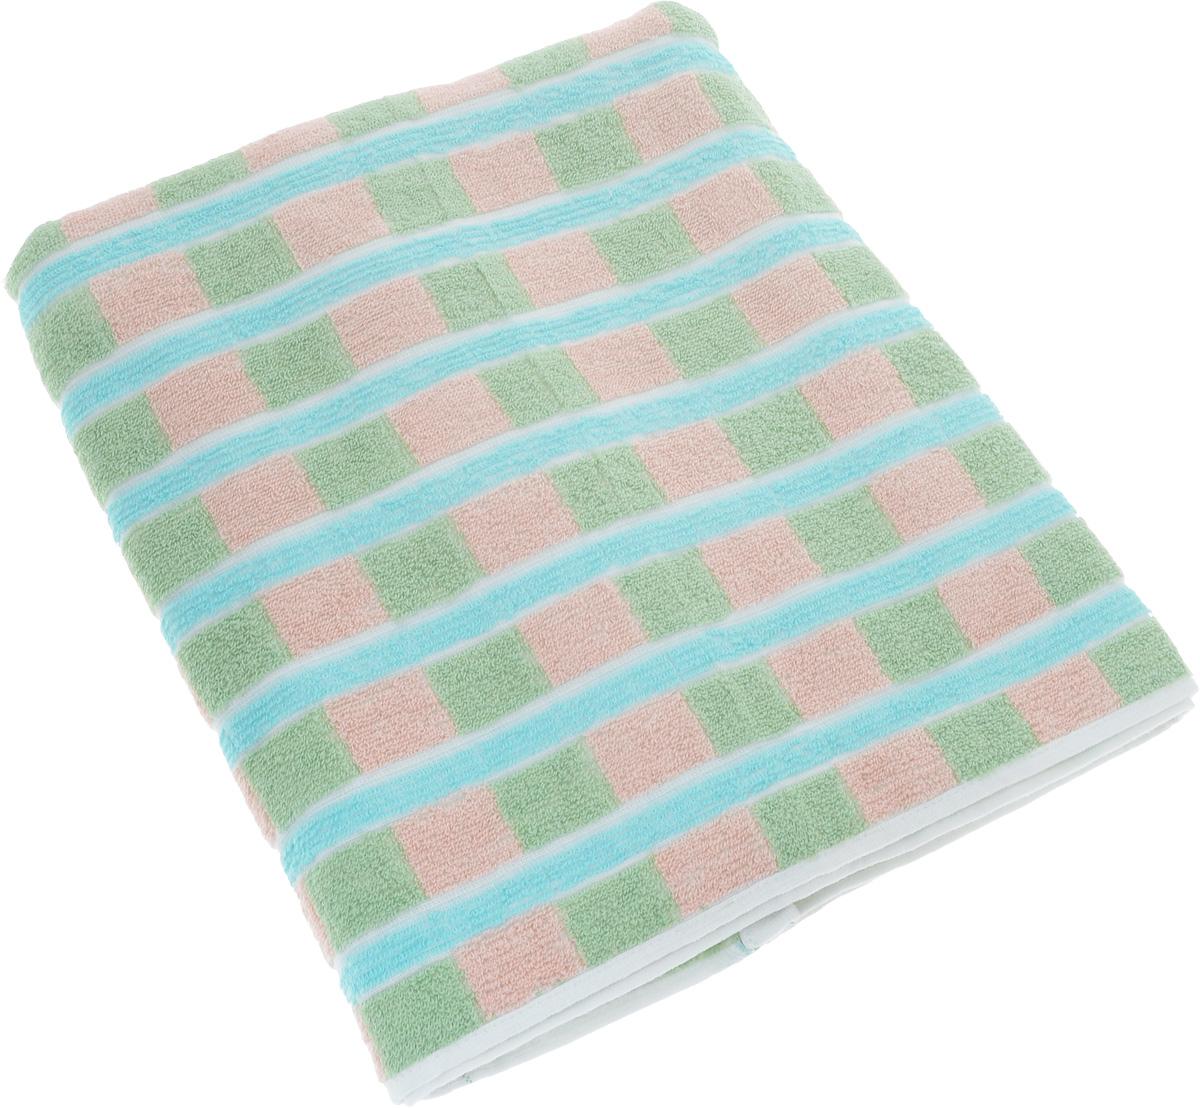 Полотенце Soavita Premium. Linda, цвет: зеленый, розовый, голубой, 70 х 140 см62934Полотенце Soavita Premium. Linda выполнено из 100% хлопка. Изделие отлично впитывает влагу, быстро сохнет, сохраняет яркость цвета и не теряет форму даже после многократных стирок. Полотенце очень практично и неприхотливо в уходе. Оно создаст прекрасное настроение и украсит интерьер в ванной комнате.